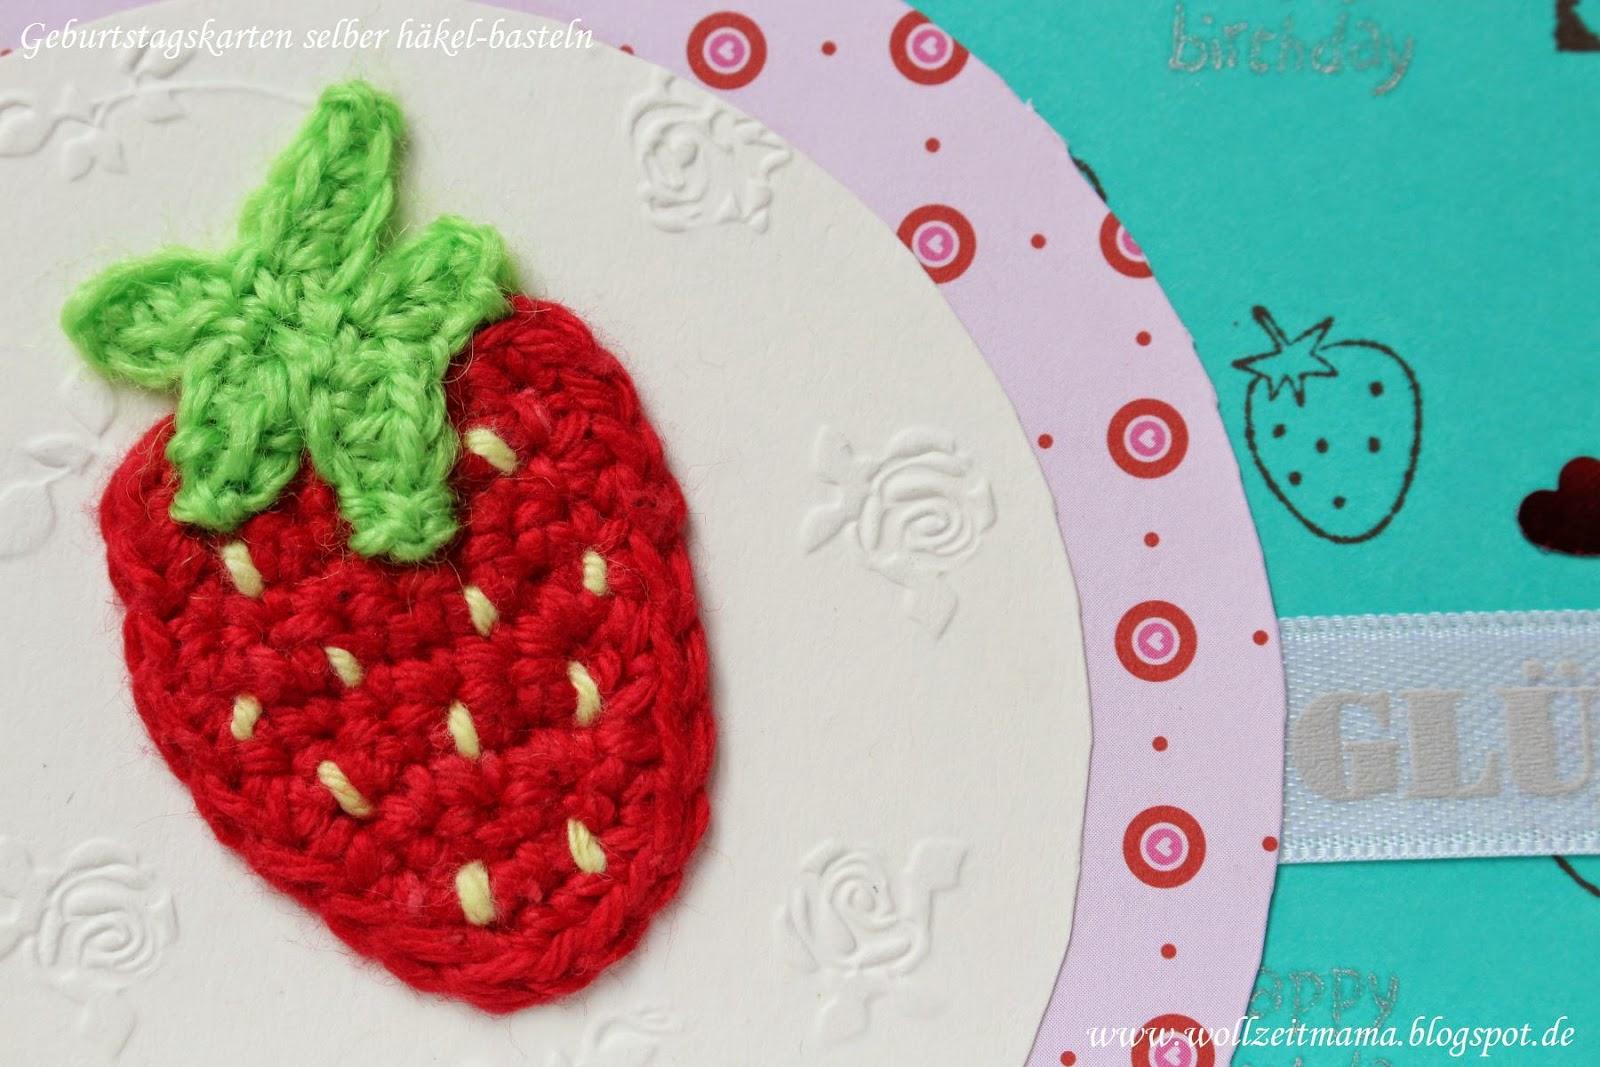 Geburtstagskarte selber häkeln und basteln - mit Erdbeere